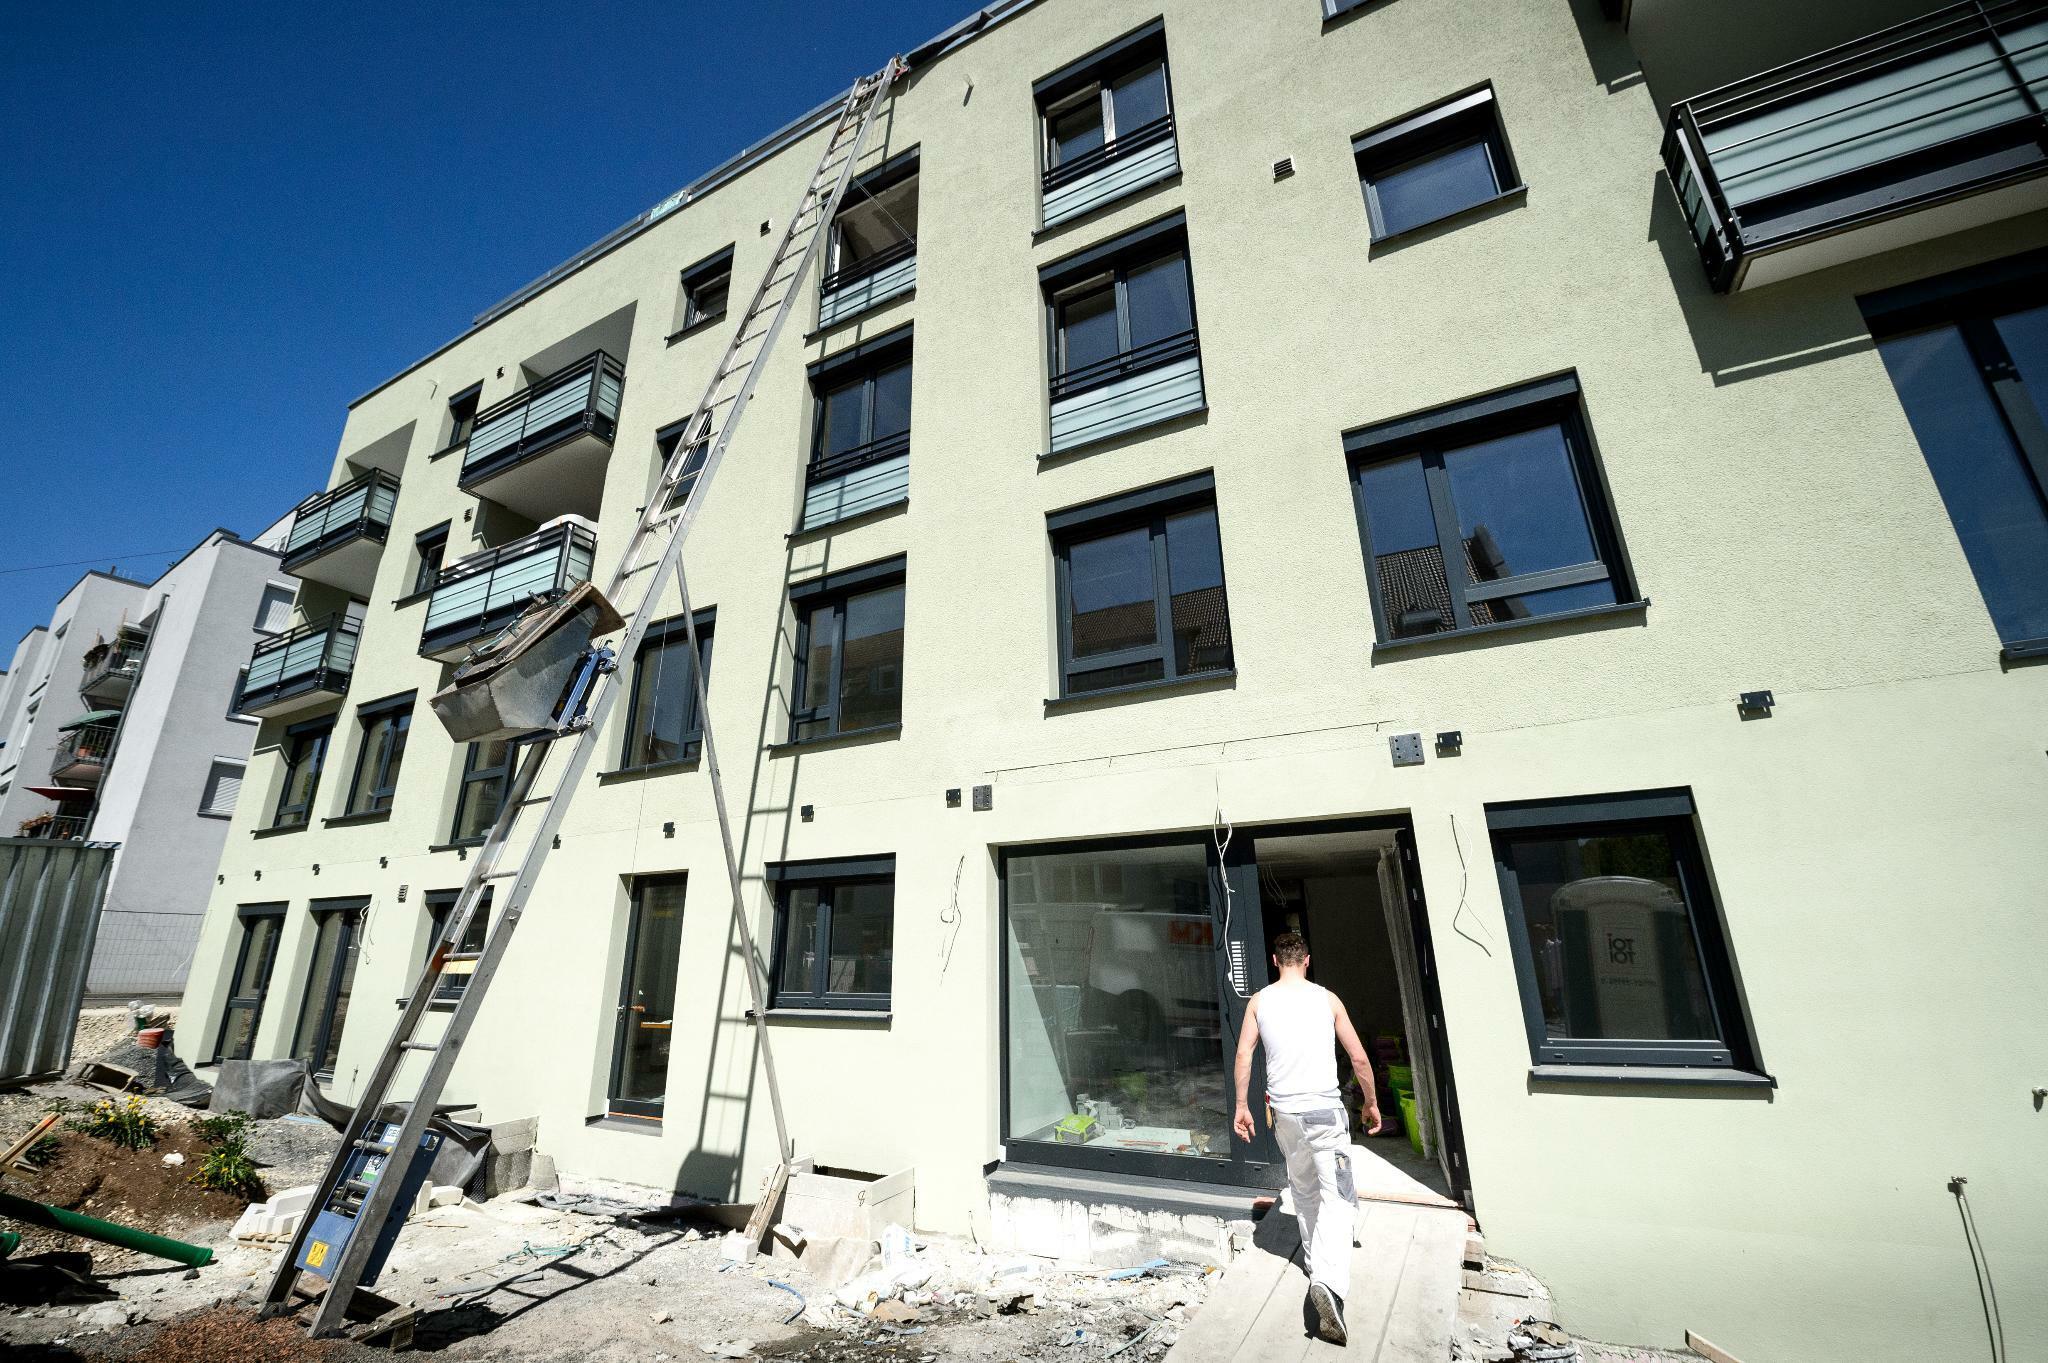 Statistisches Bundesamt: Abwärtstrend bei Baugenehmigungen für Wohnungen hält an